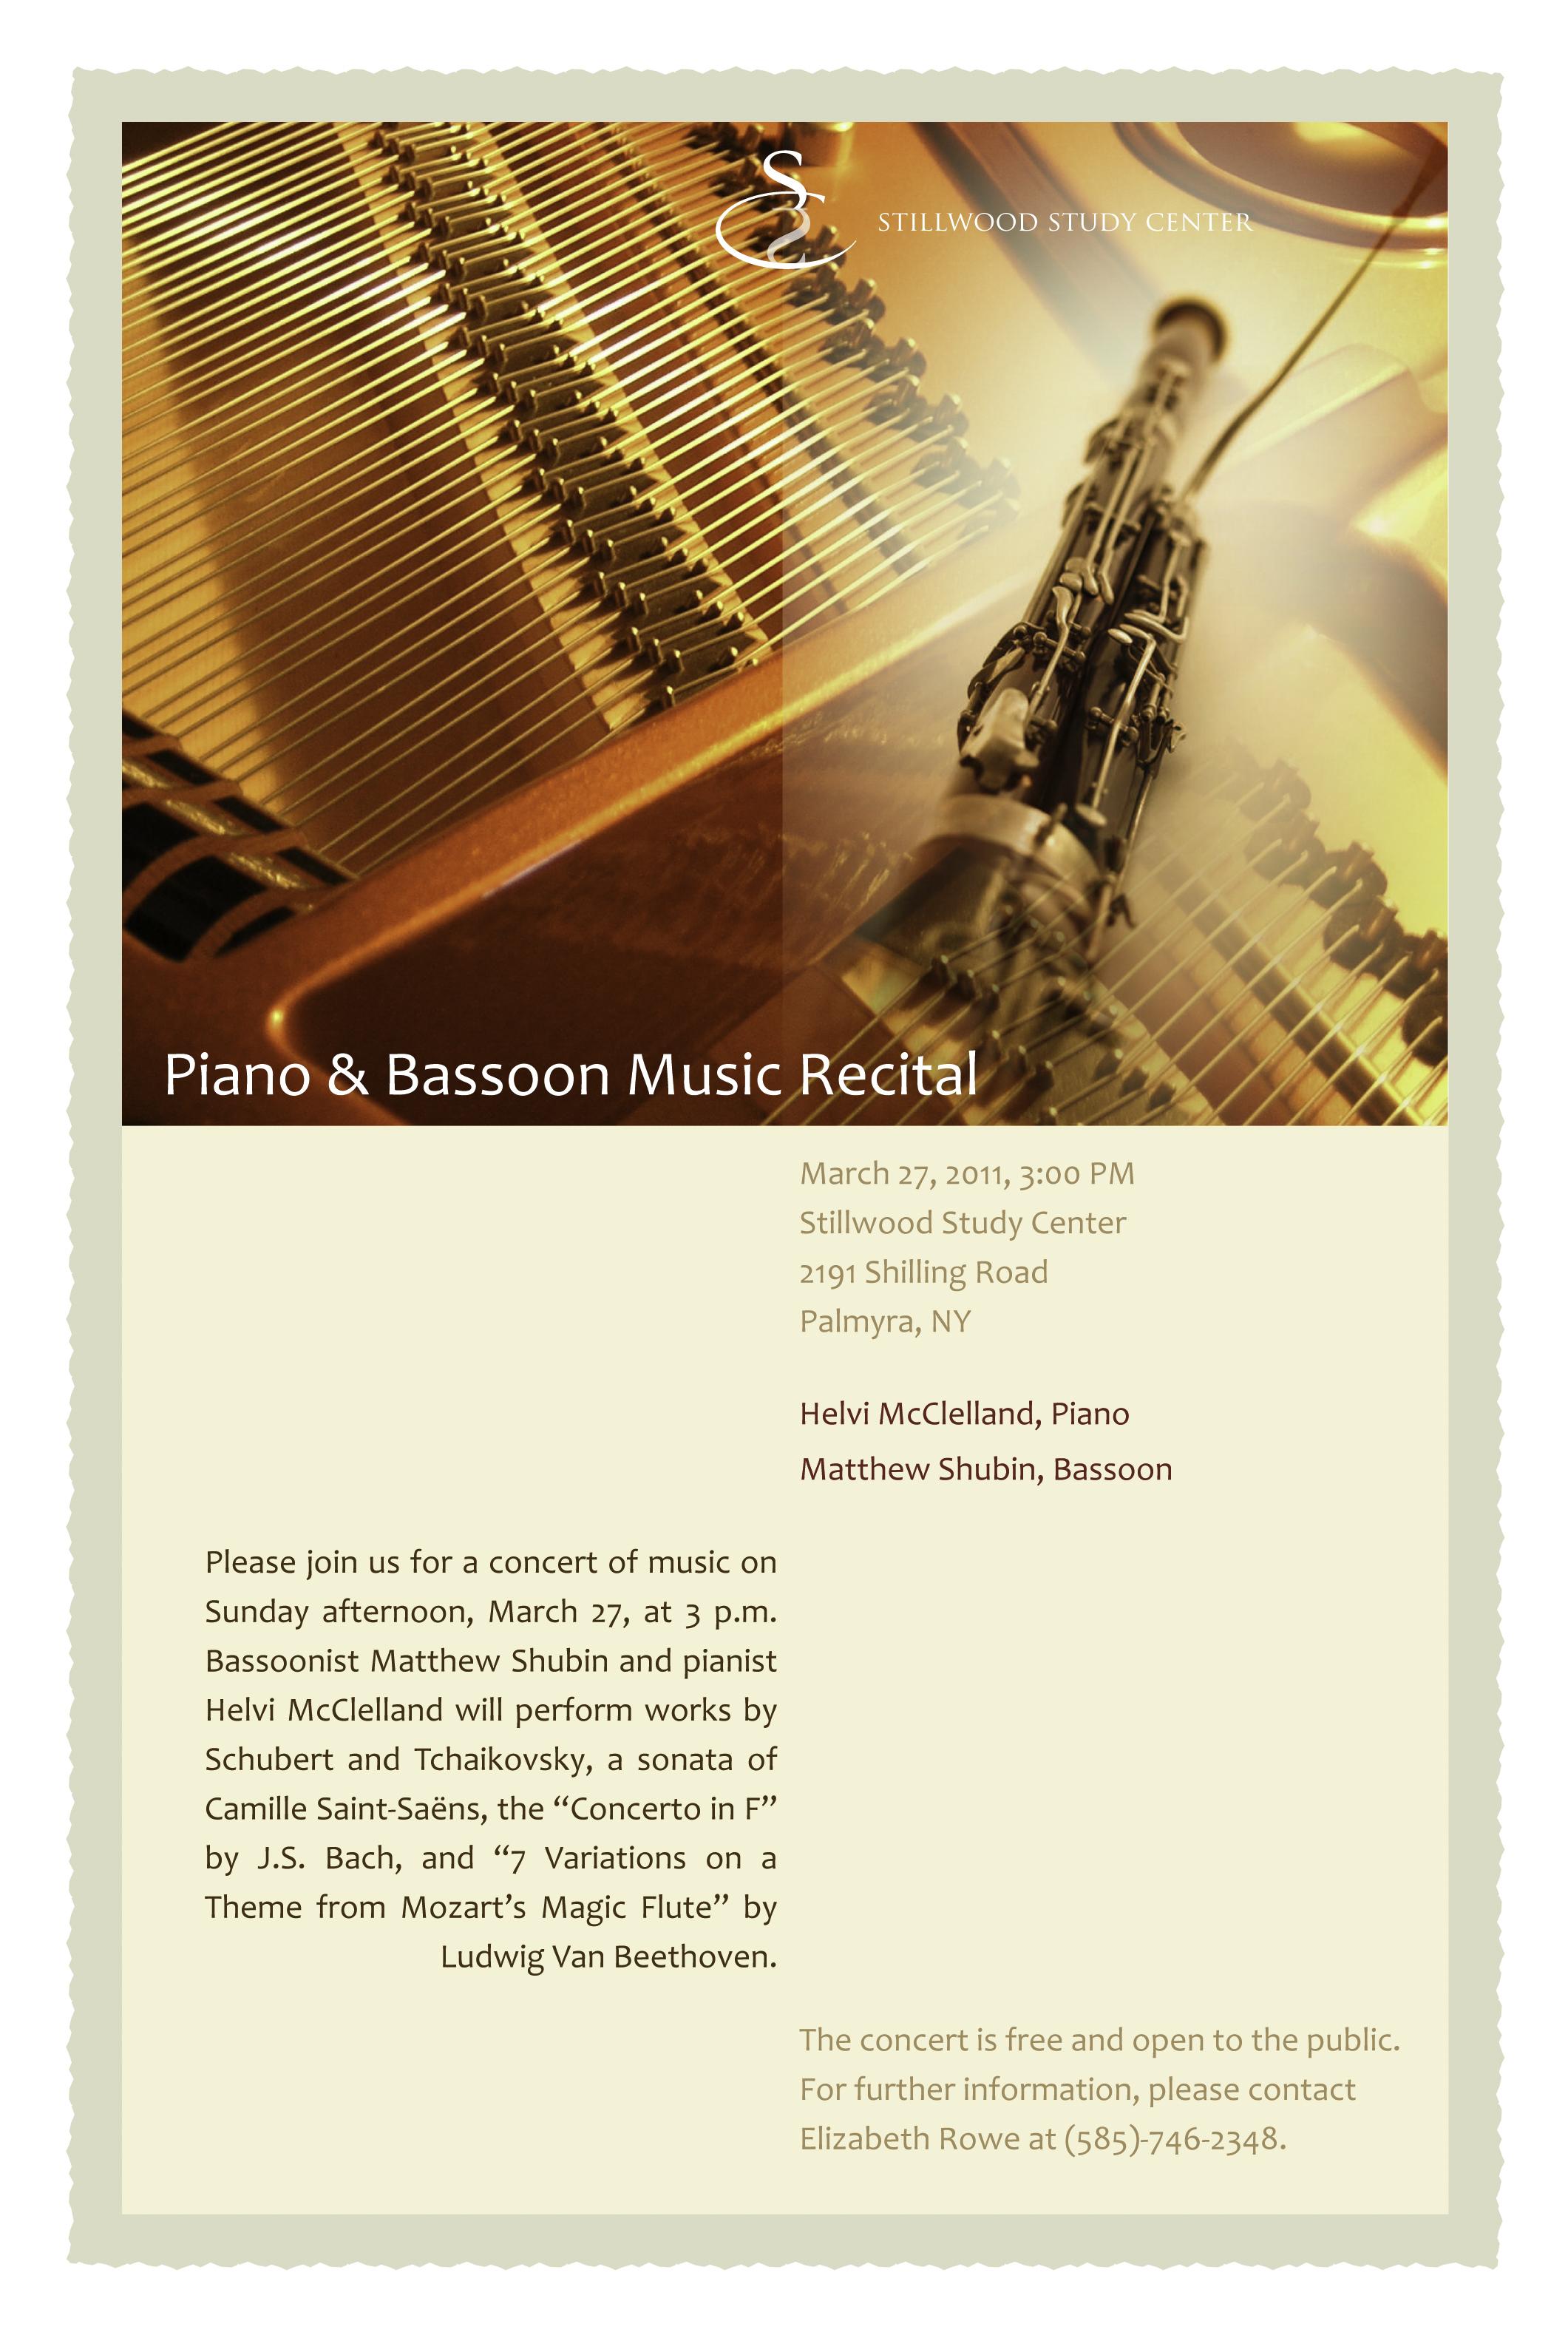 SSC March Concert Flyer 2010.jpg